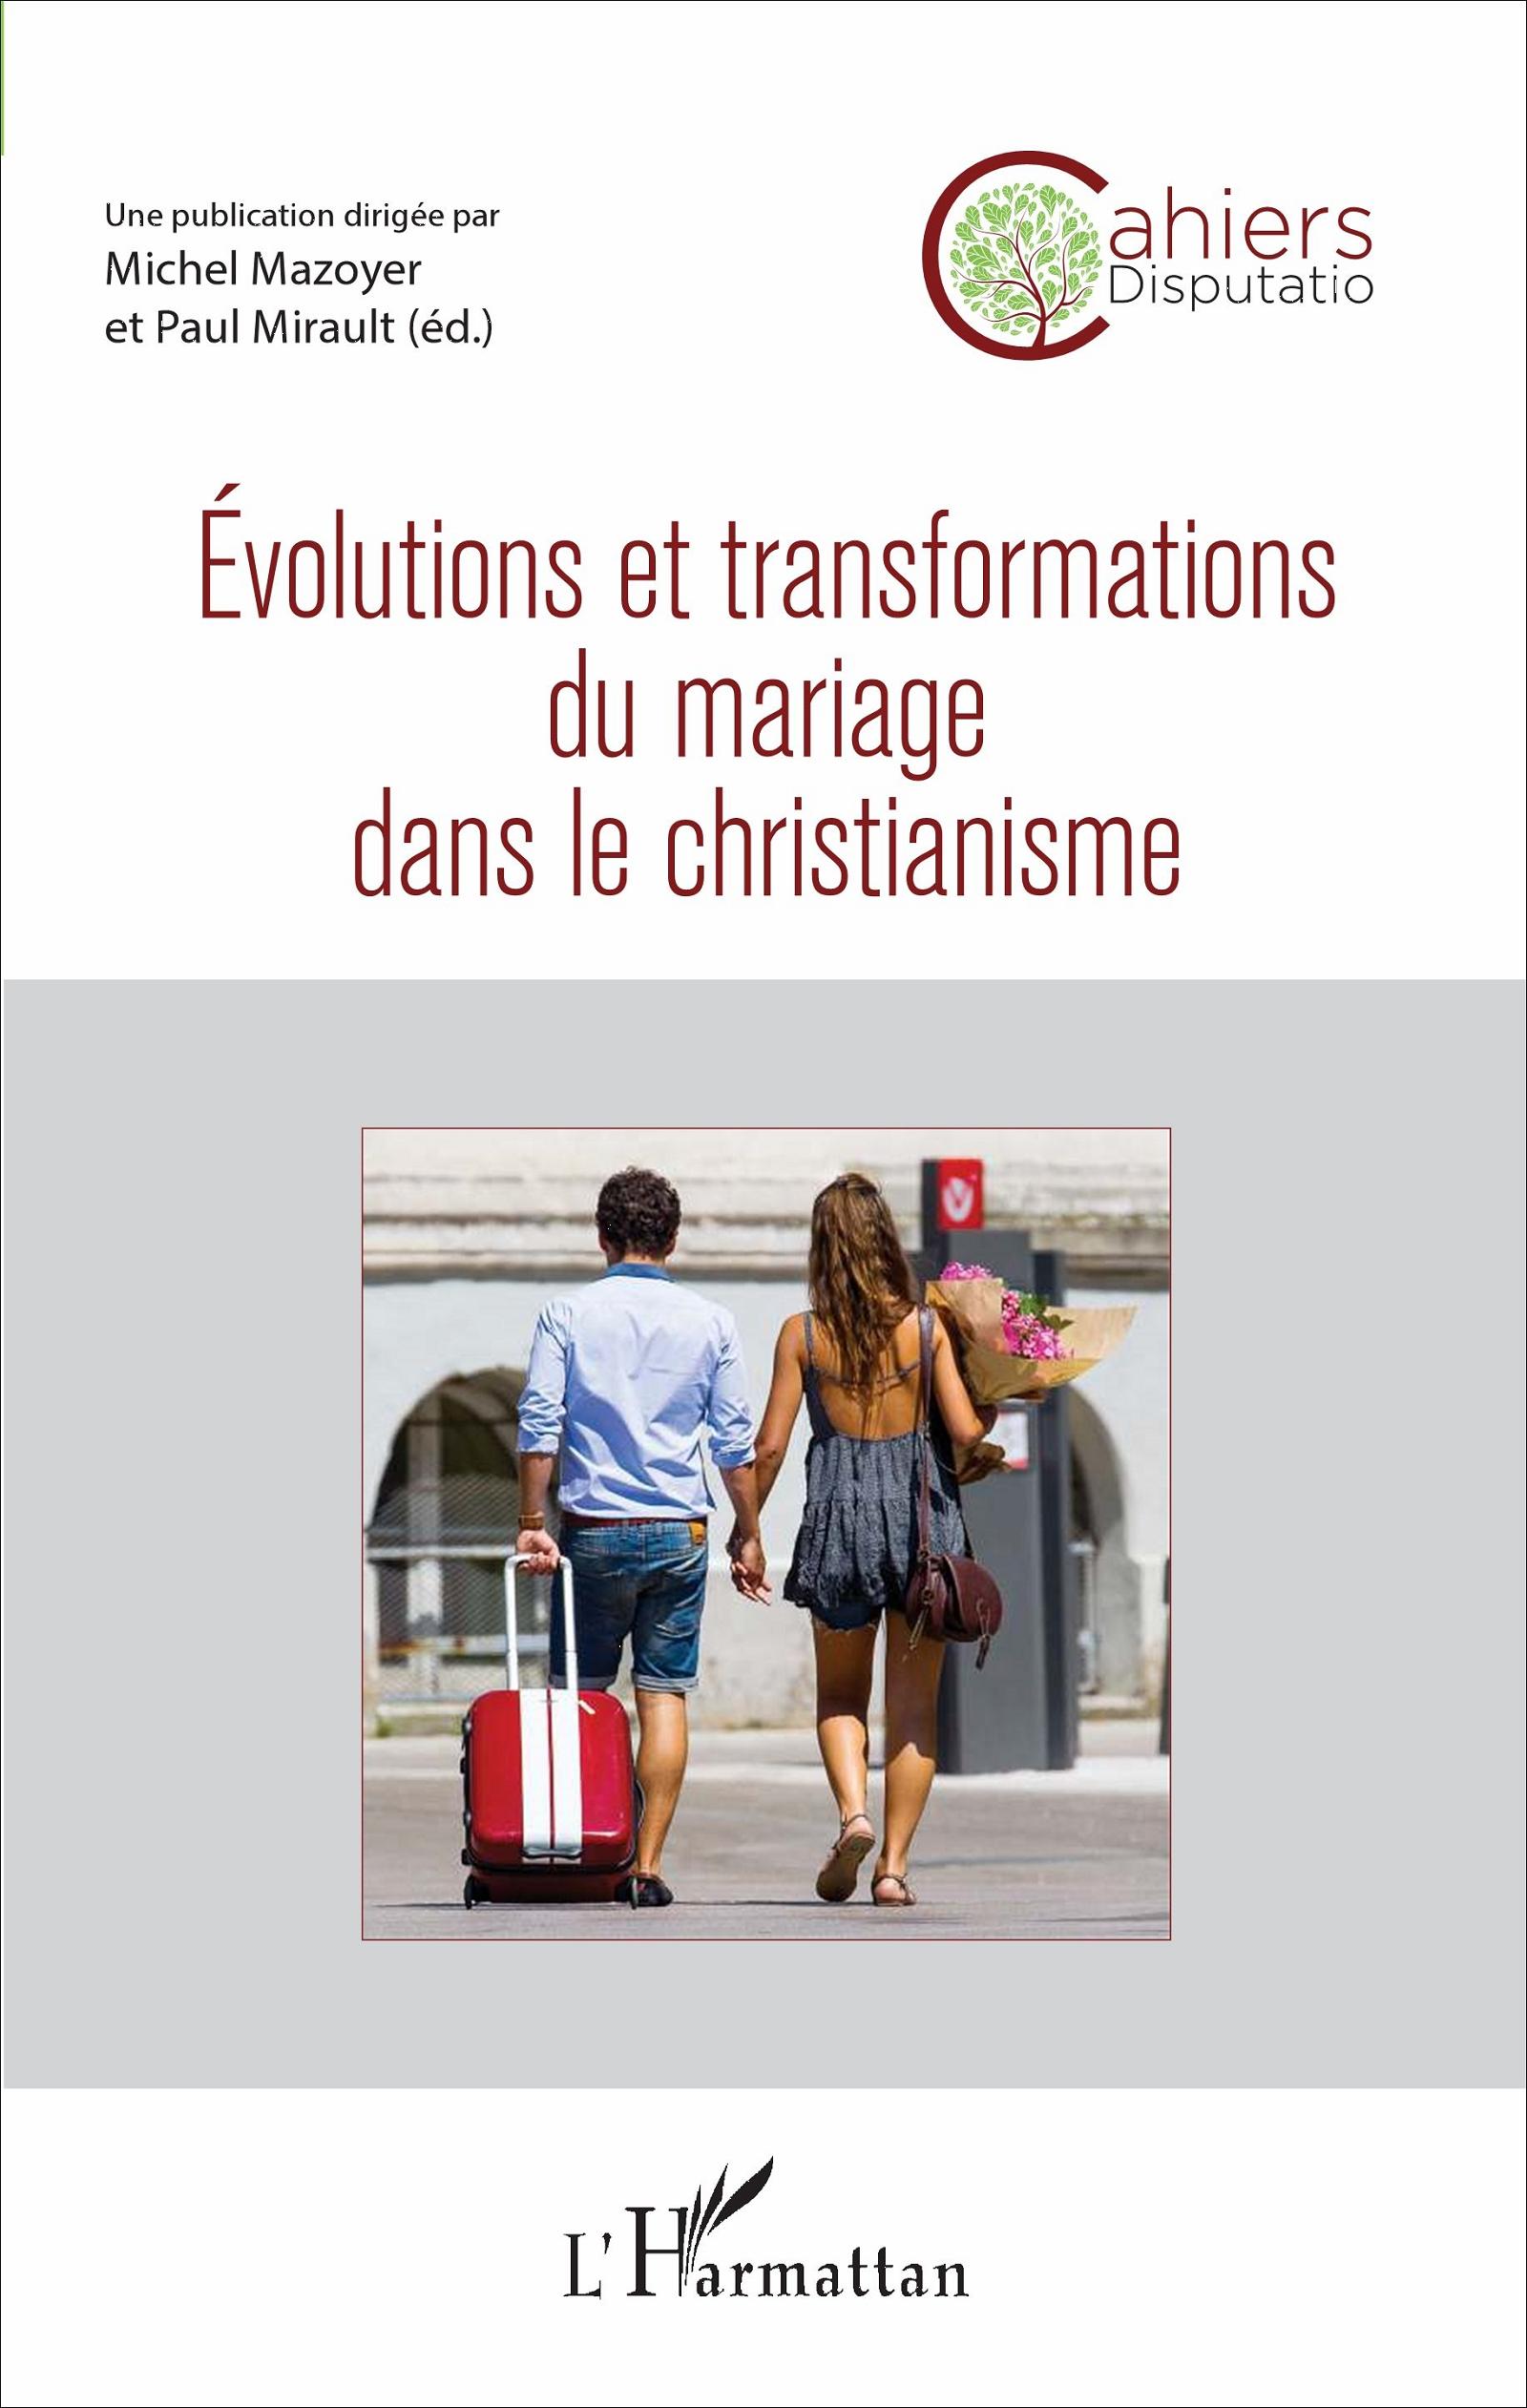 mirault_evolution_mariage.jpg